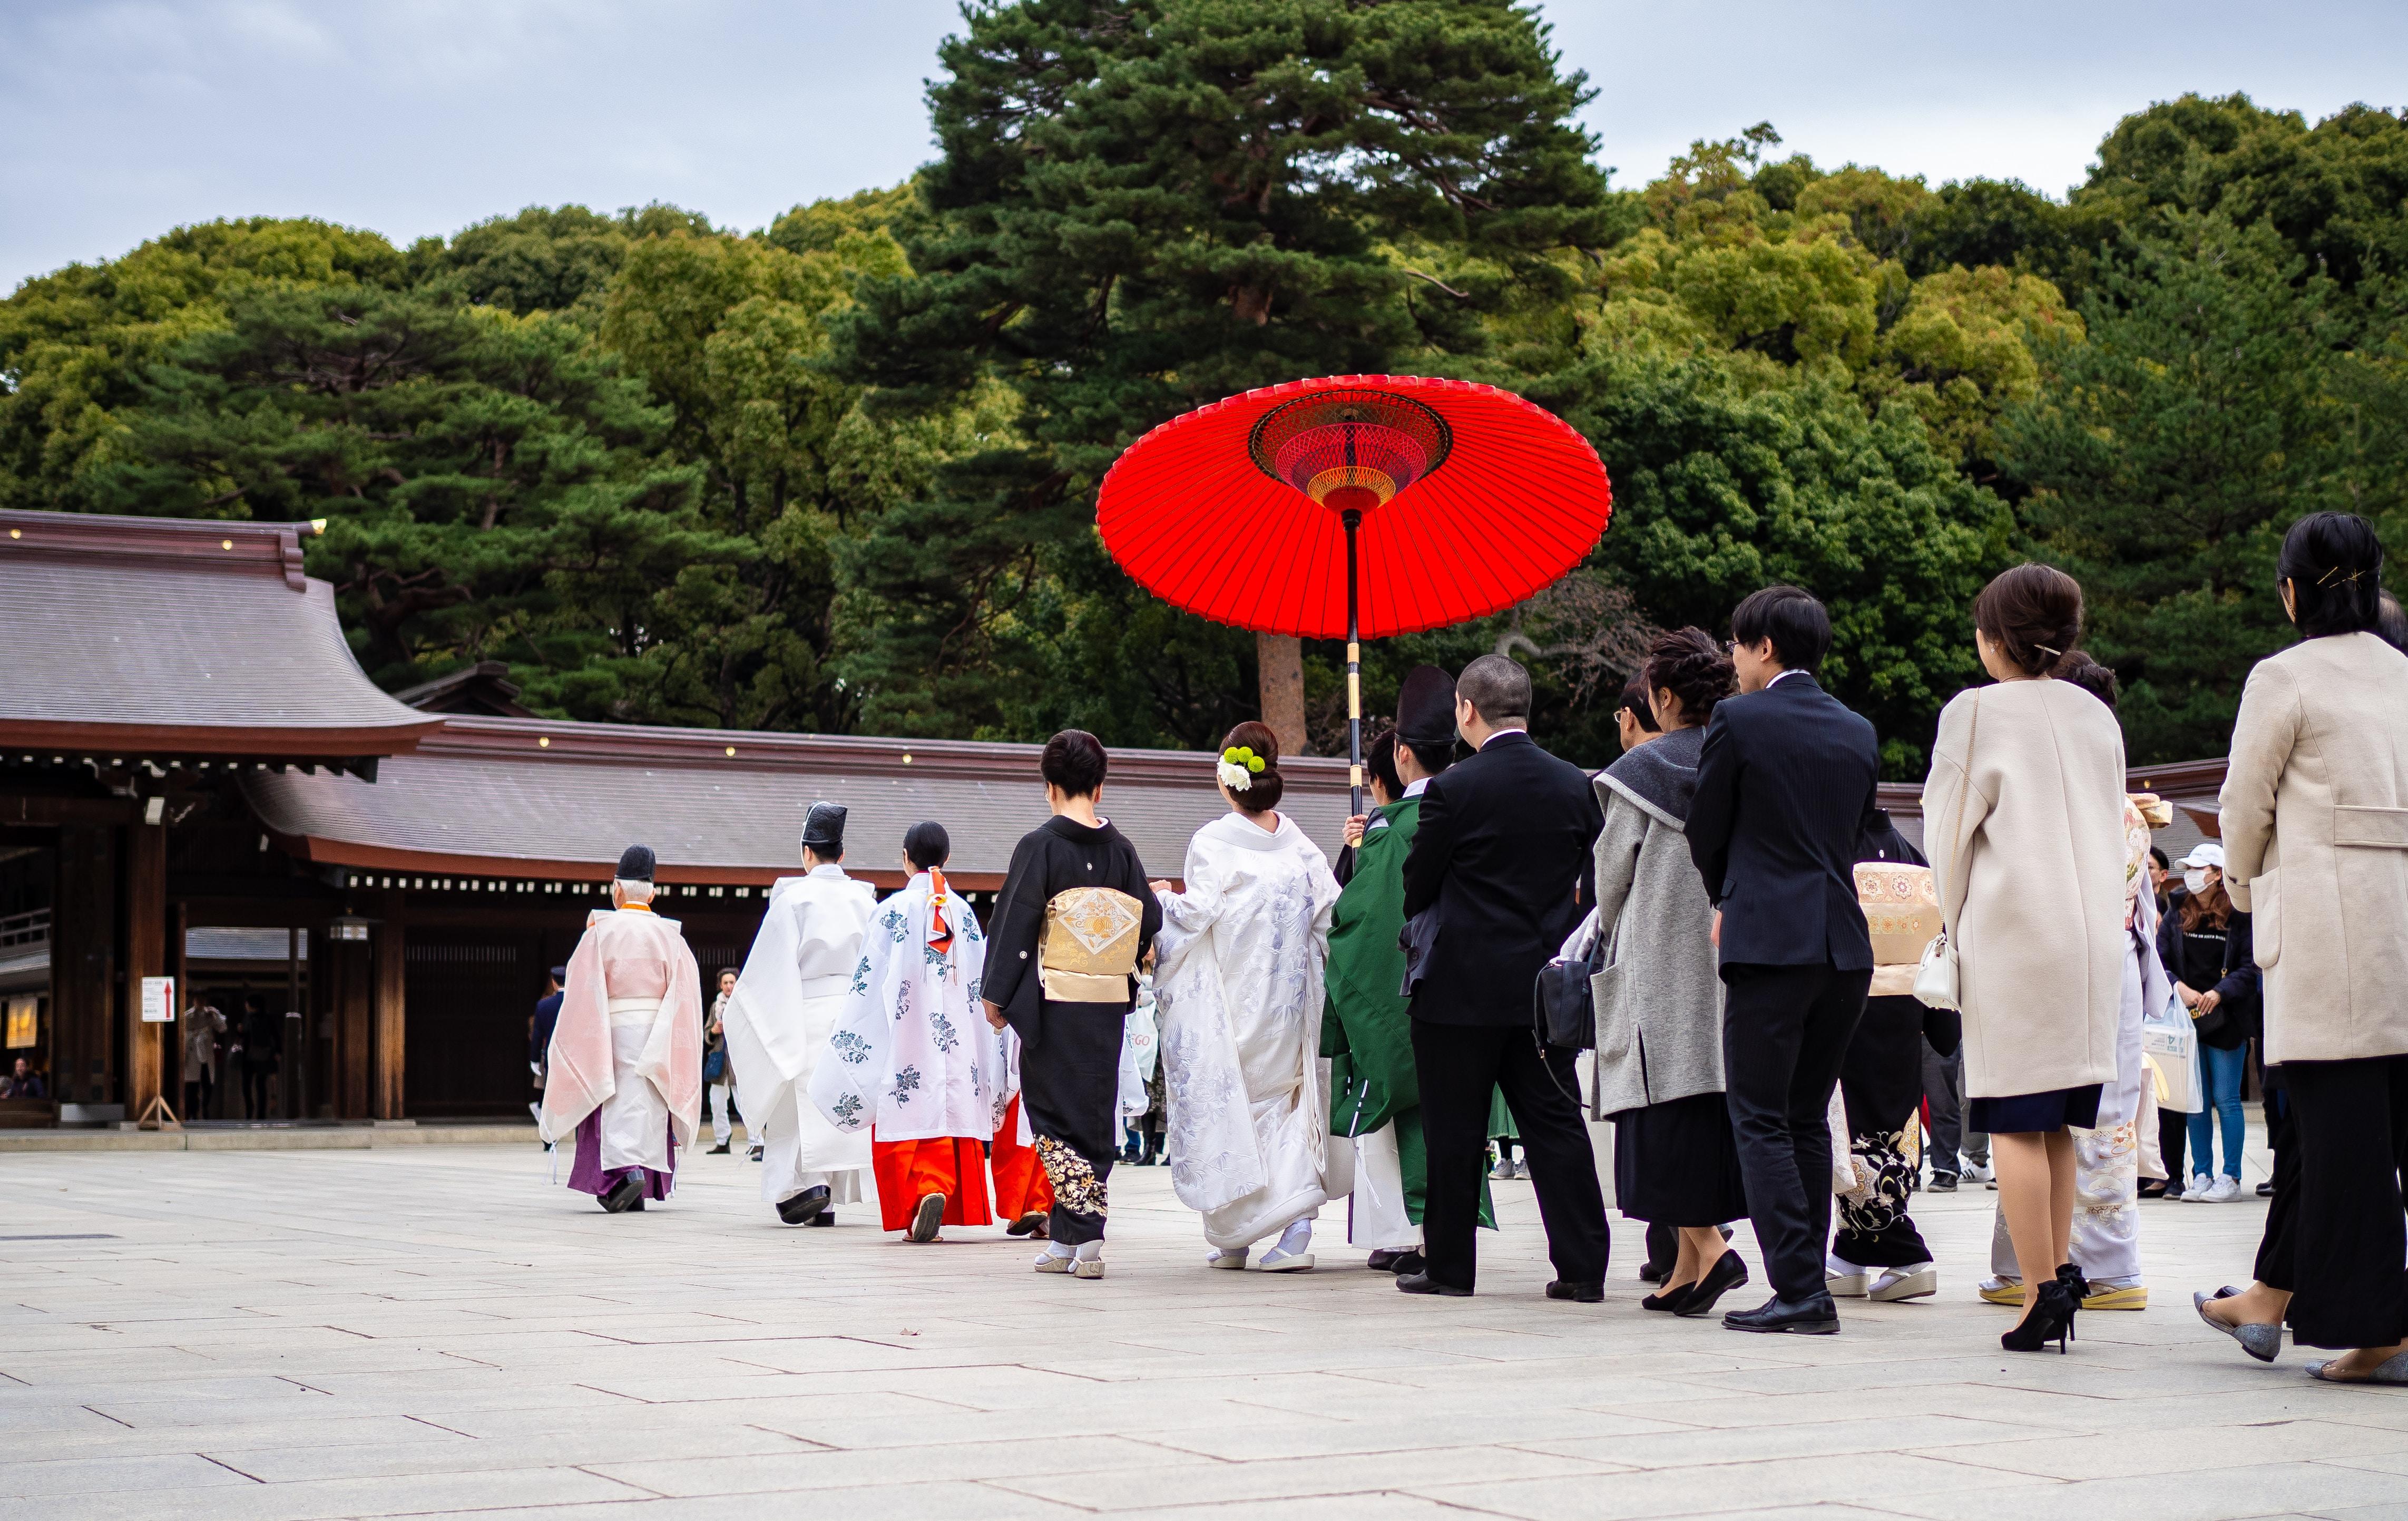 shūbun-no-hi, Día del equinoccio de otoño. Festividad en Japón donde los japoneses acuden a los templos para rendir tributo a sus muertos